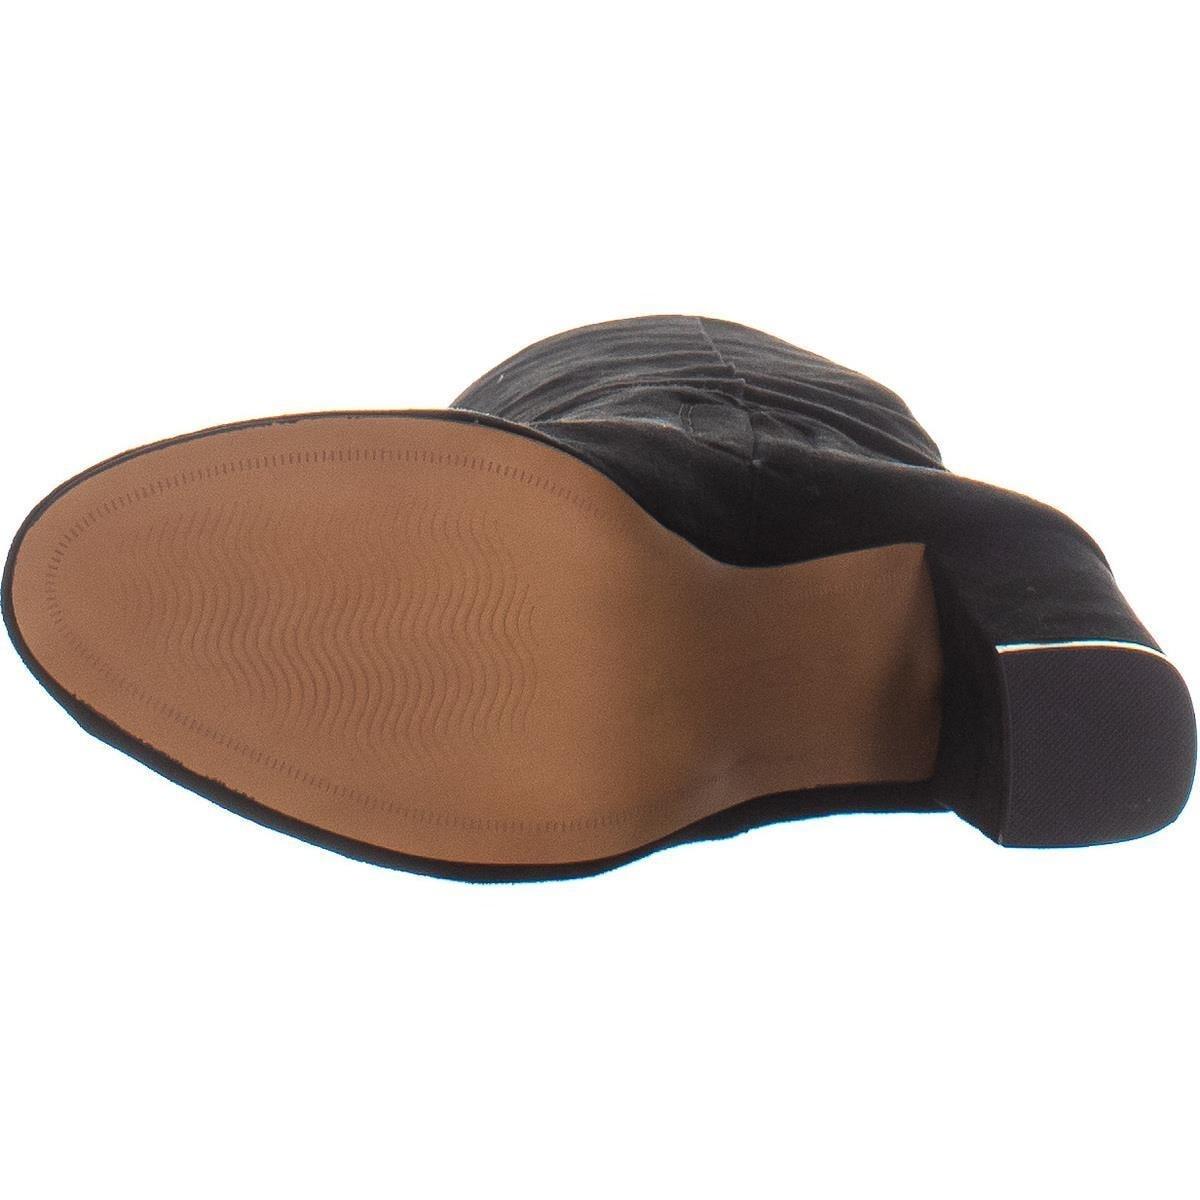 8da75f12429 Shop STEVEN Steve Madden Tila Knee High Boots